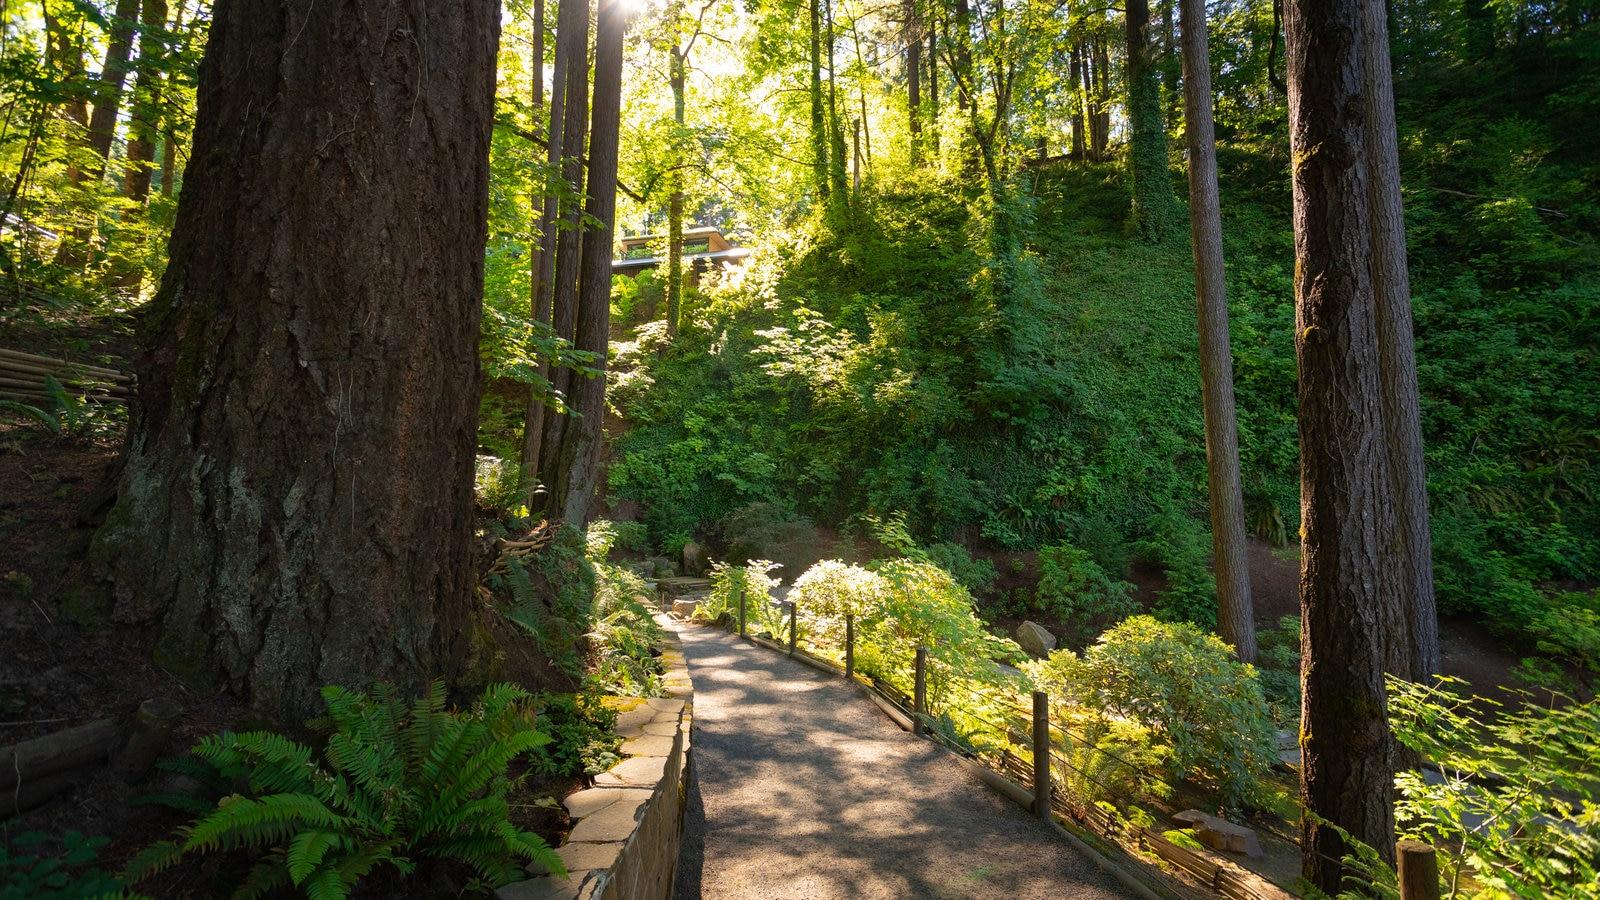 Jardín Japonés de Portland mostrando escenas forestales y un jardín